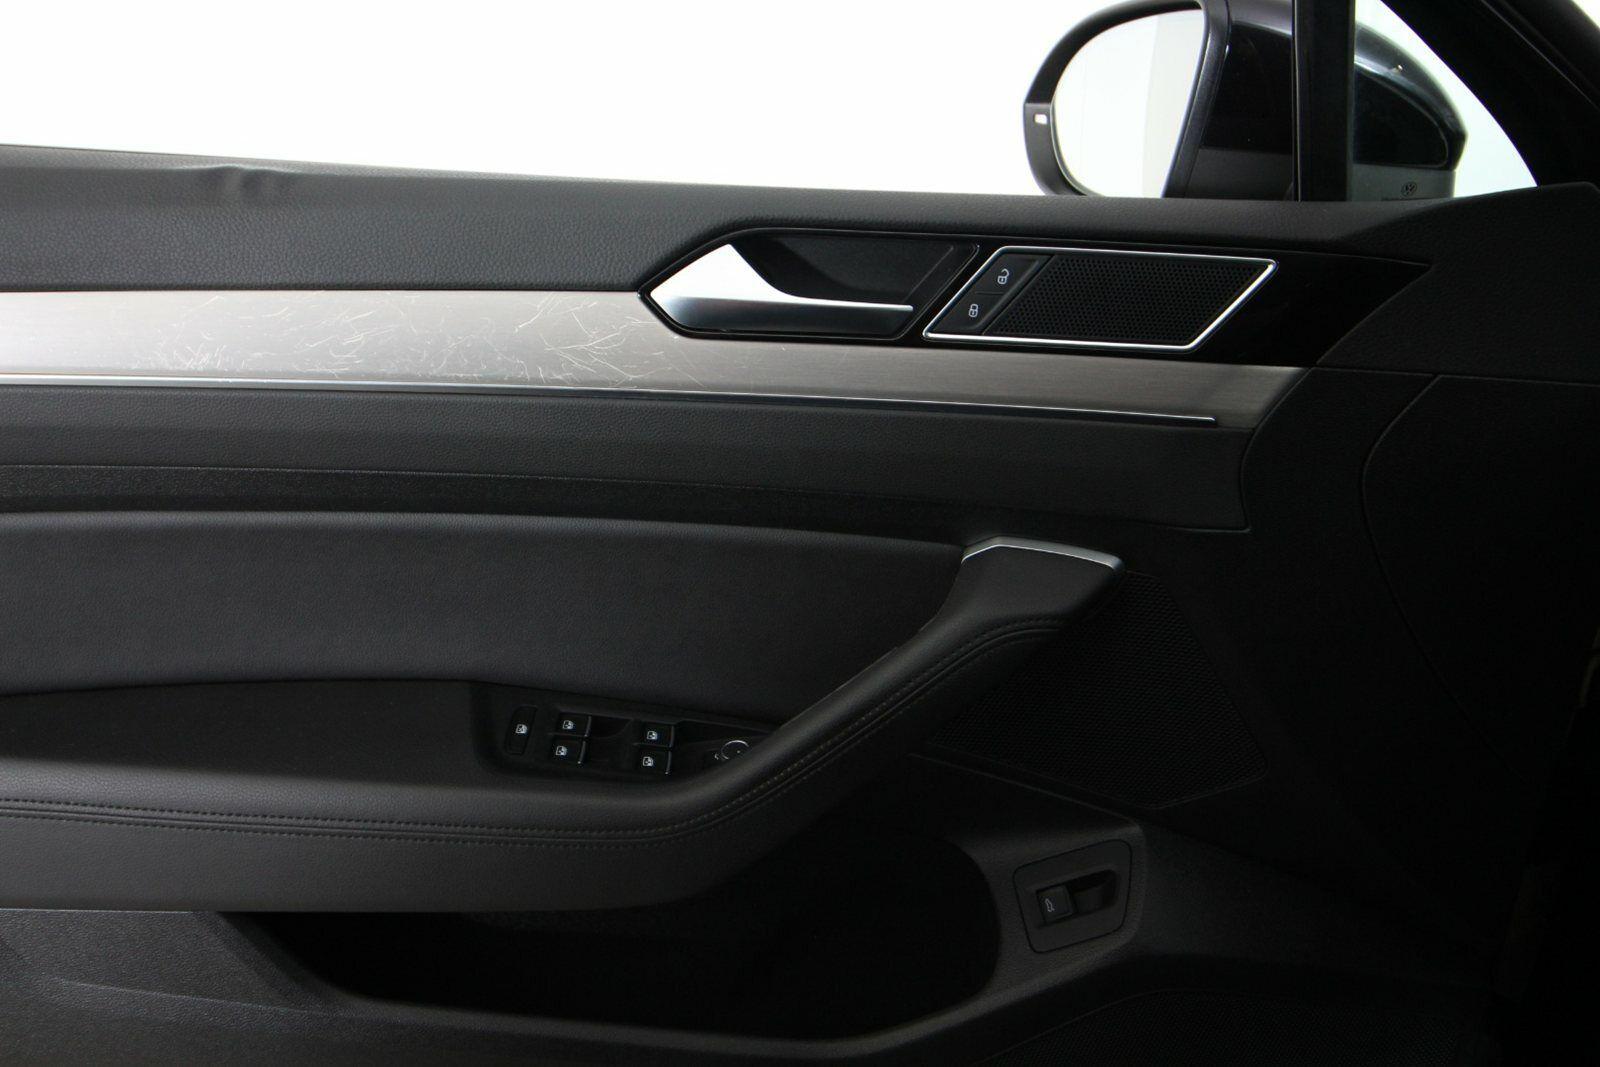 VW Passat TDi 150 Highline Variant DSG